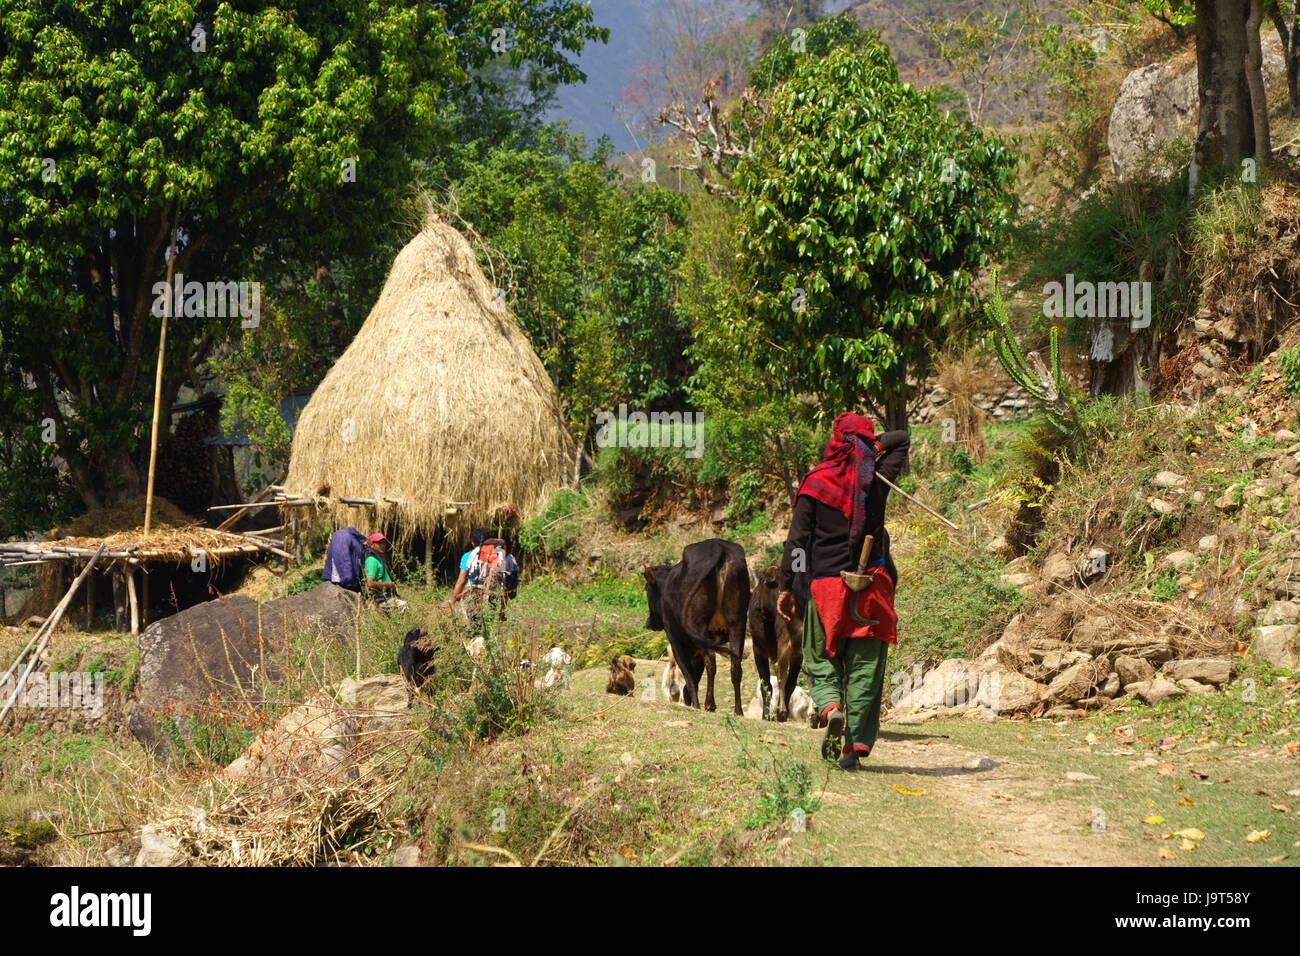 Lokale Frau führenden Rinder auf der Annapurna Umrundung zwischen Lili bhir und ghermu. Stockbild